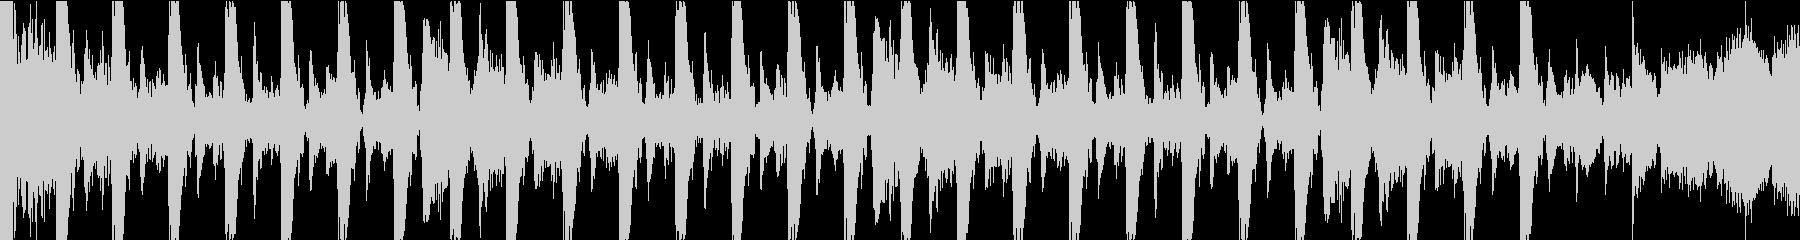 プログレッシブテック/ディープハウ...の未再生の波形